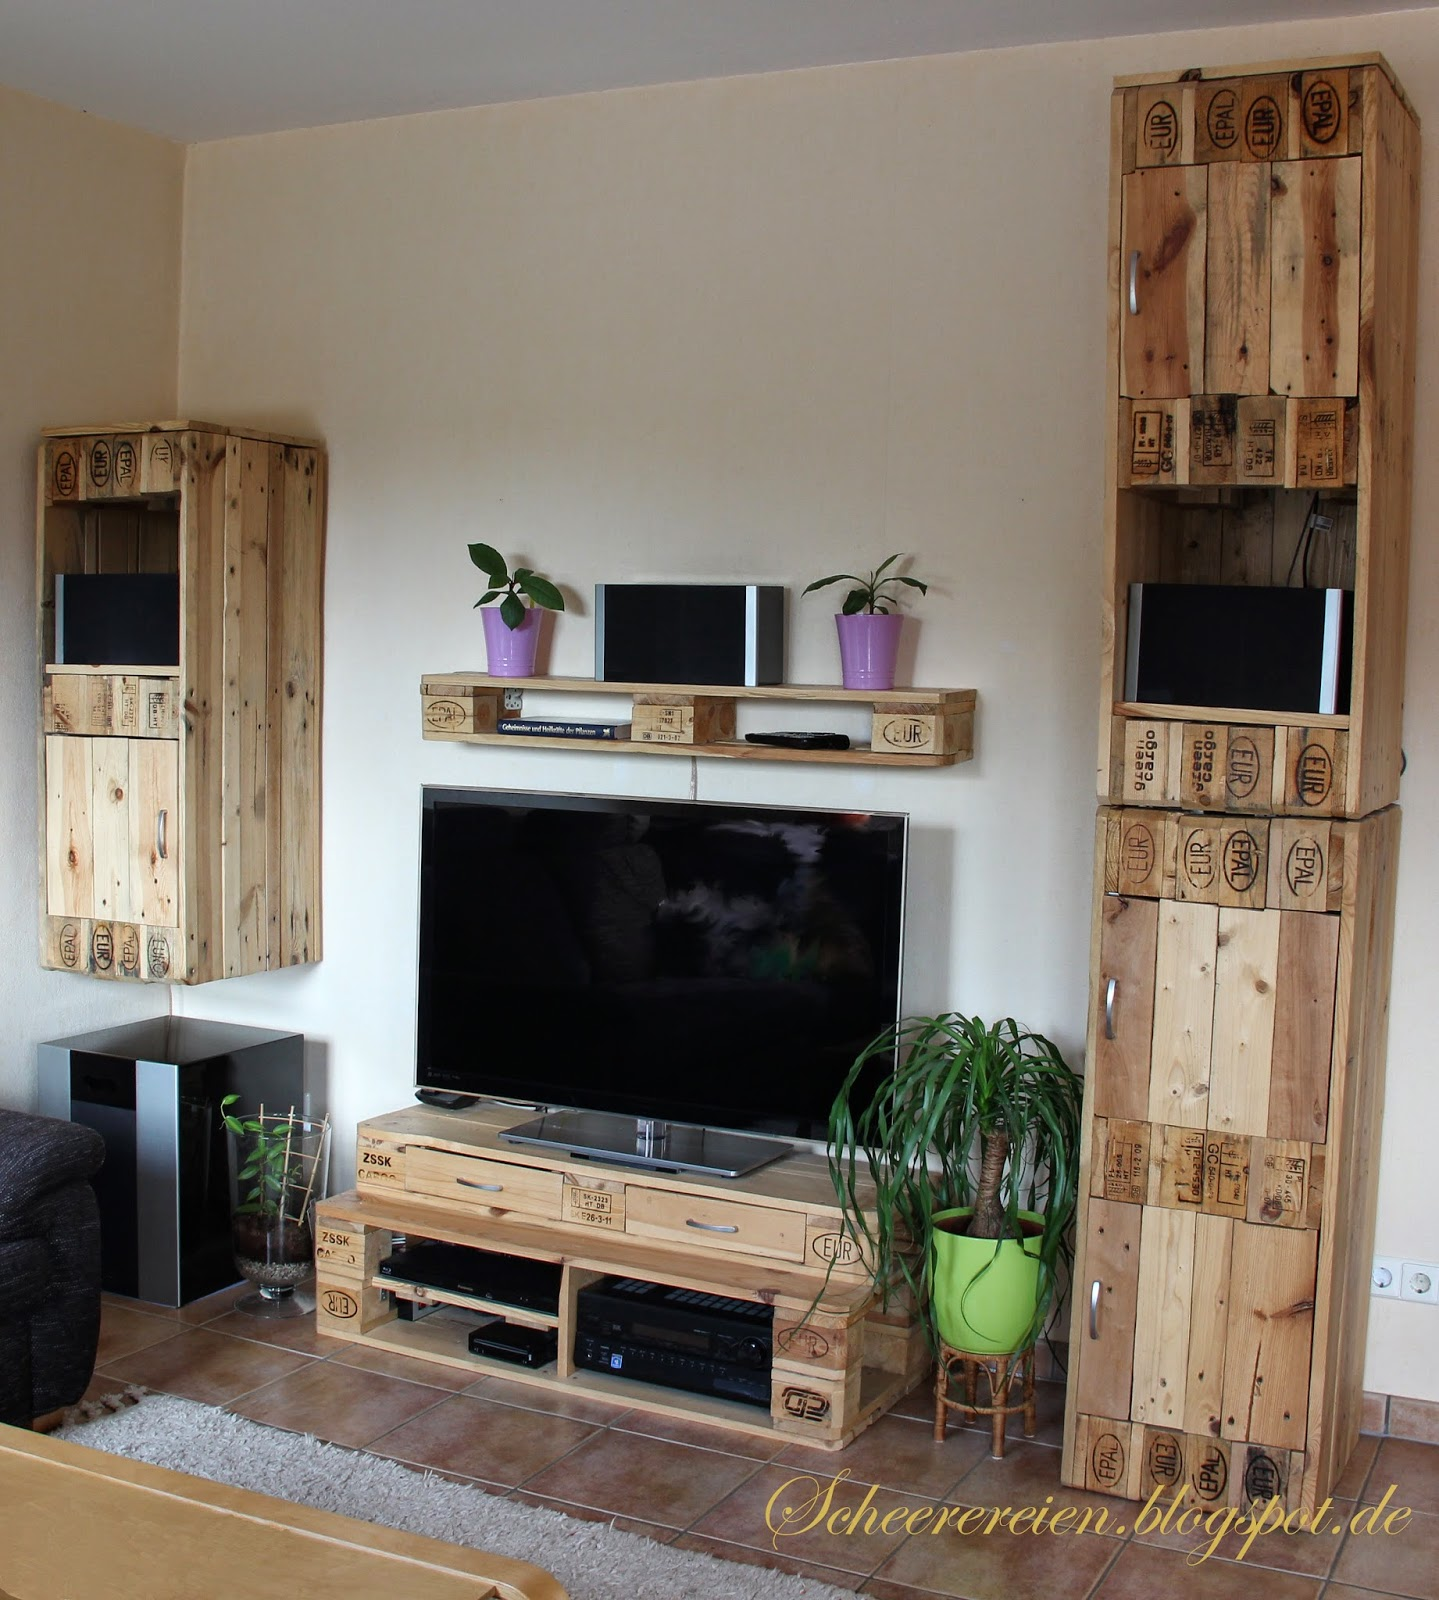 fernsehwand selber bauen swalif. Black Bedroom Furniture Sets. Home Design Ideas